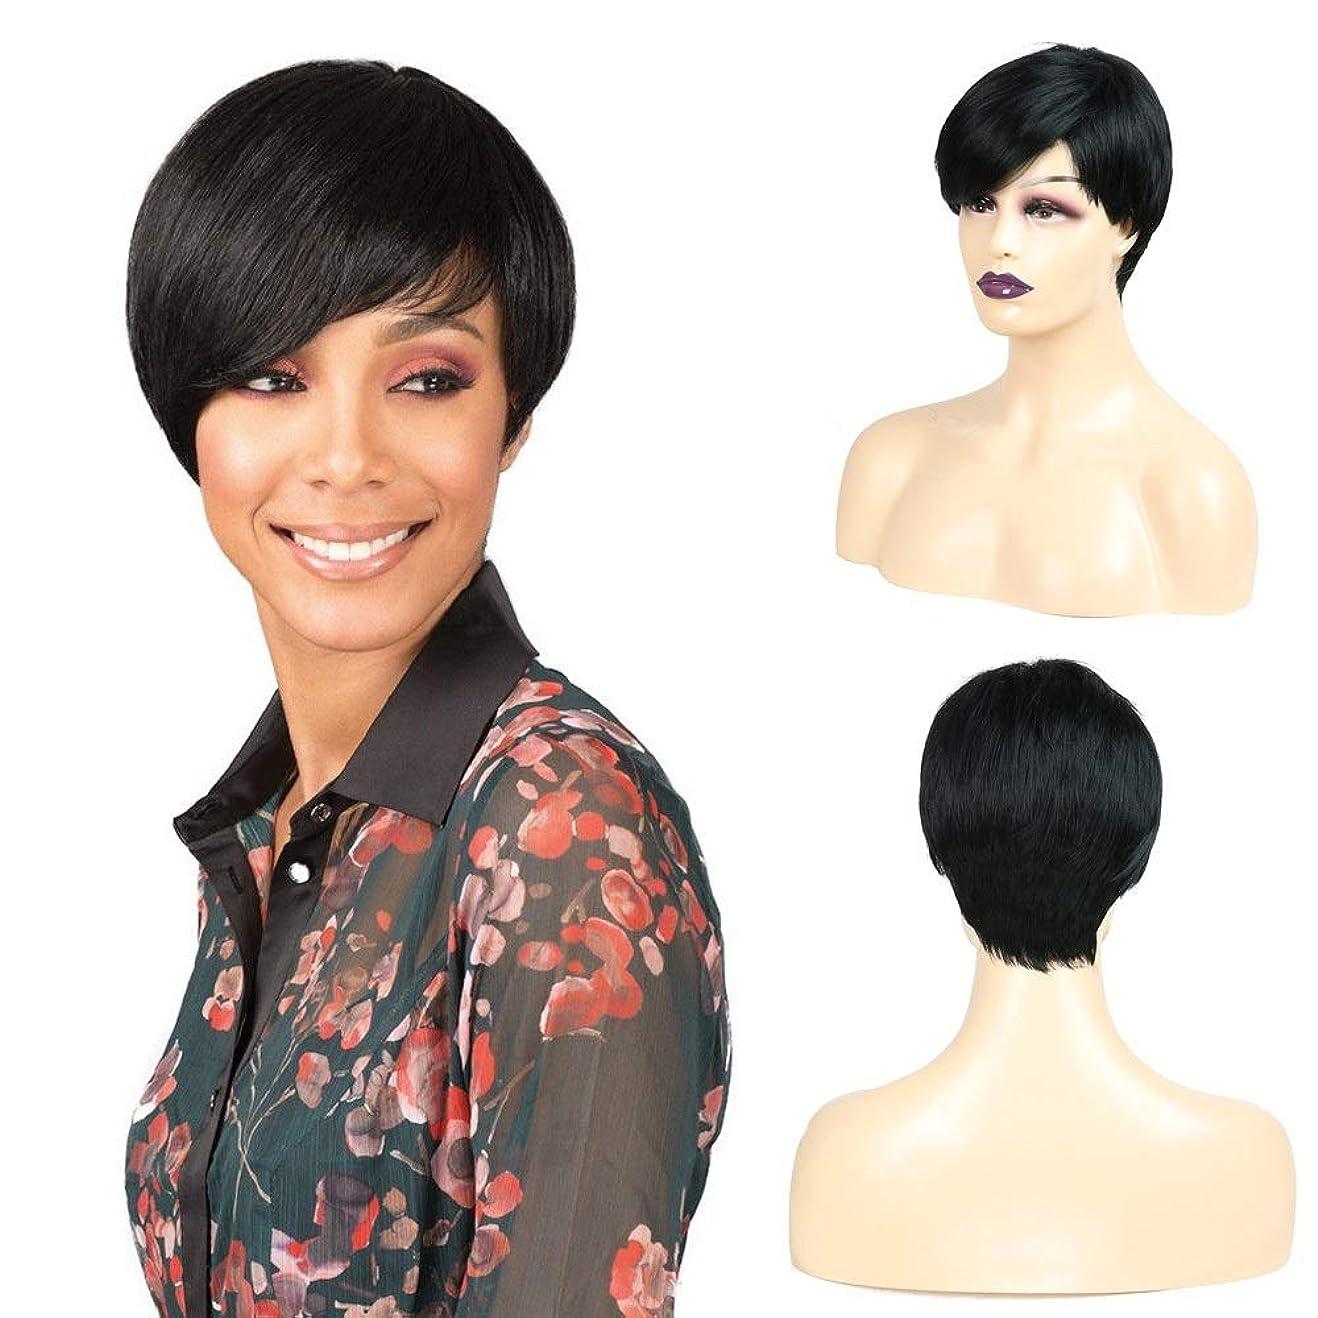 蒸留する形式タンクHOHYLLYA ヨーロッパとアメリカのファッションアフリカの黒人女性の斜め前髪付きショートヘアウィッグパーティーかつら (色 : 黒)